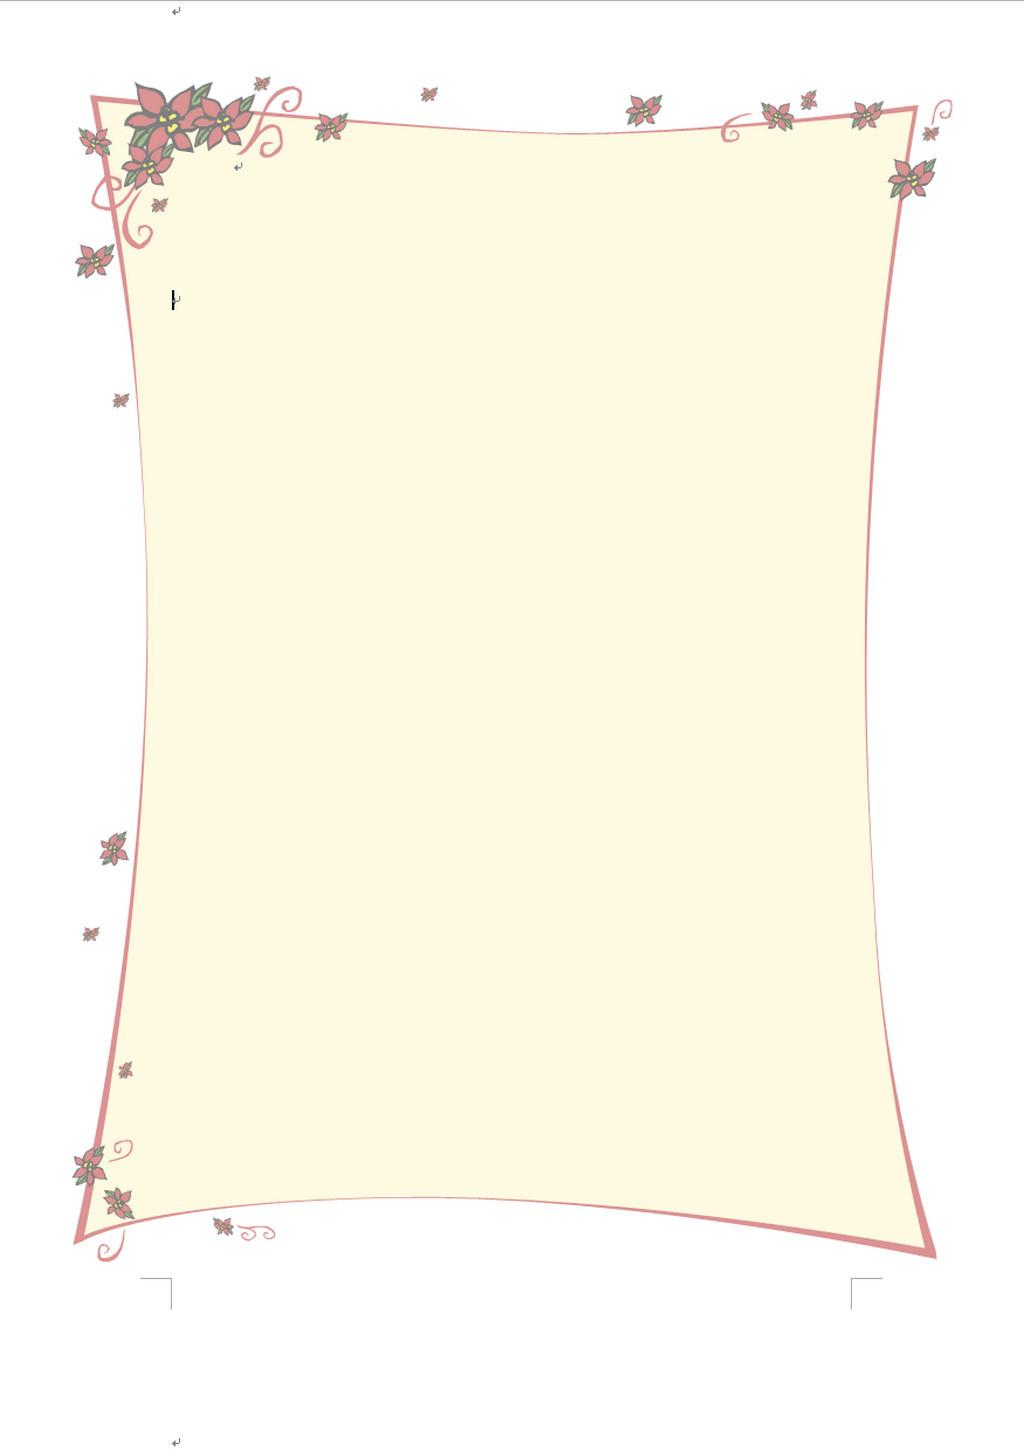 可爱卡通信纸模板 信纸doc 信纸word a4信纸背景 信纸设计素材 简洁